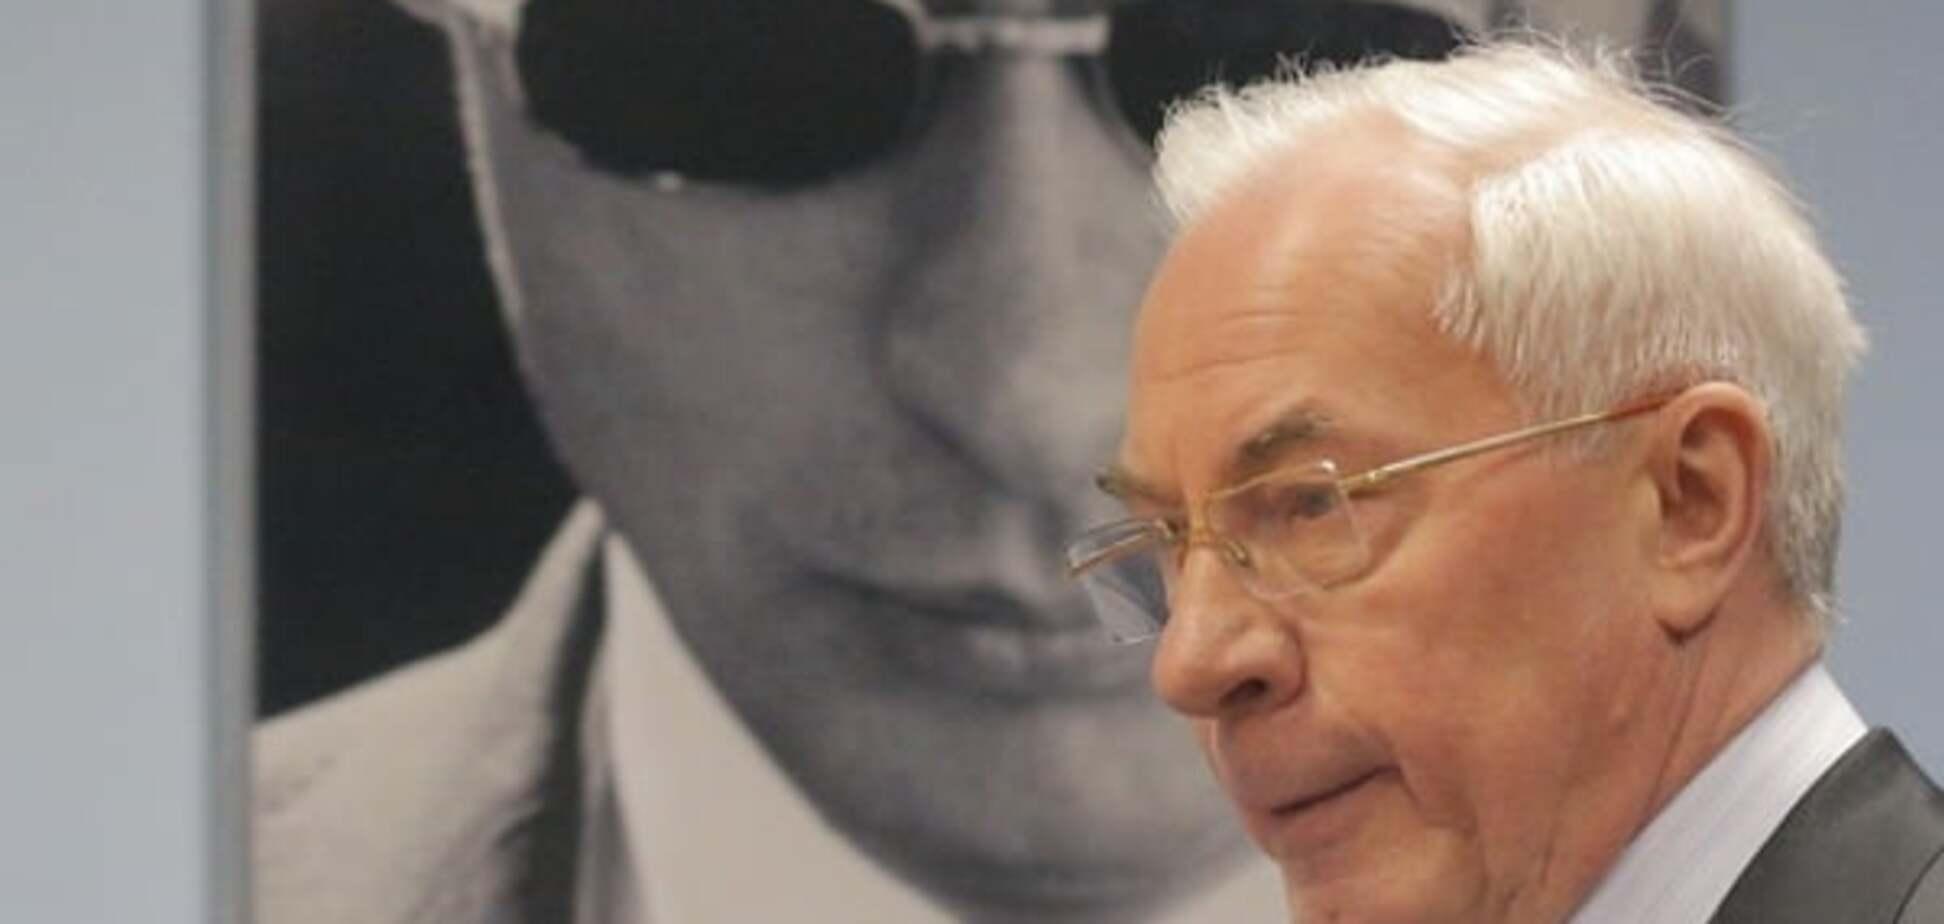 Яценюка змінить Азаров: логіка процесу